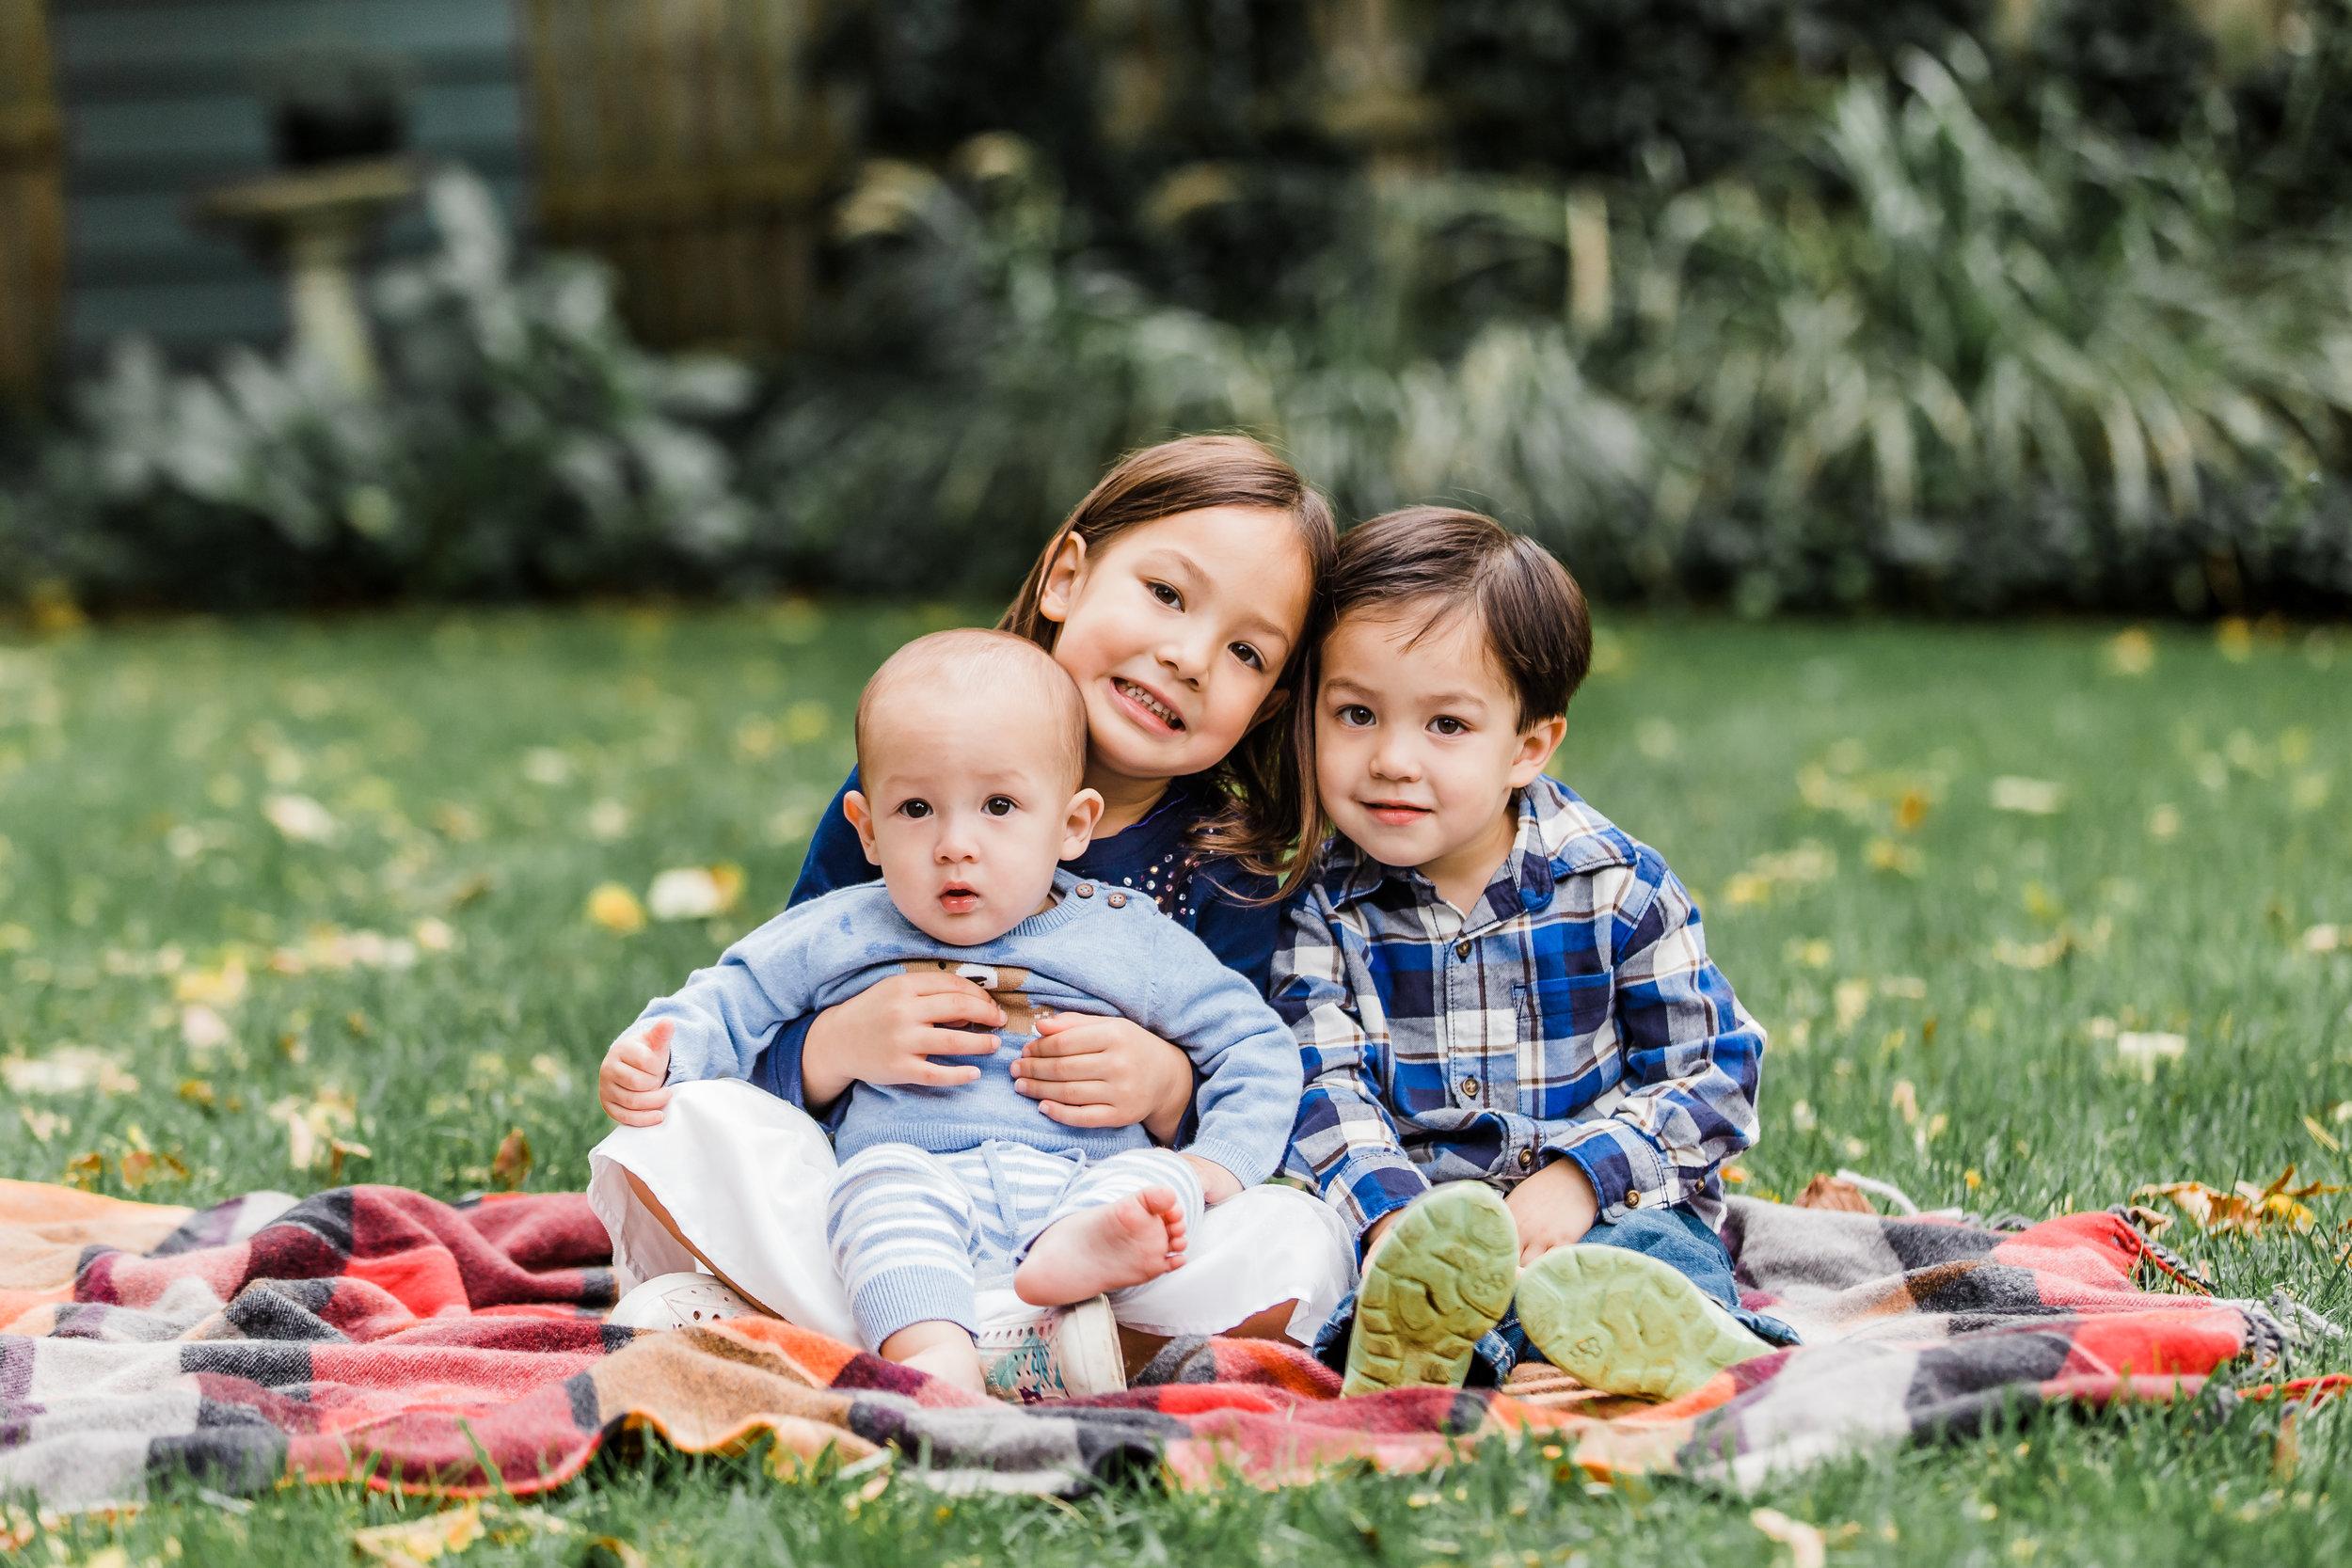 SMP_Emily Nguyen Family_Oct 2017-2.jpg